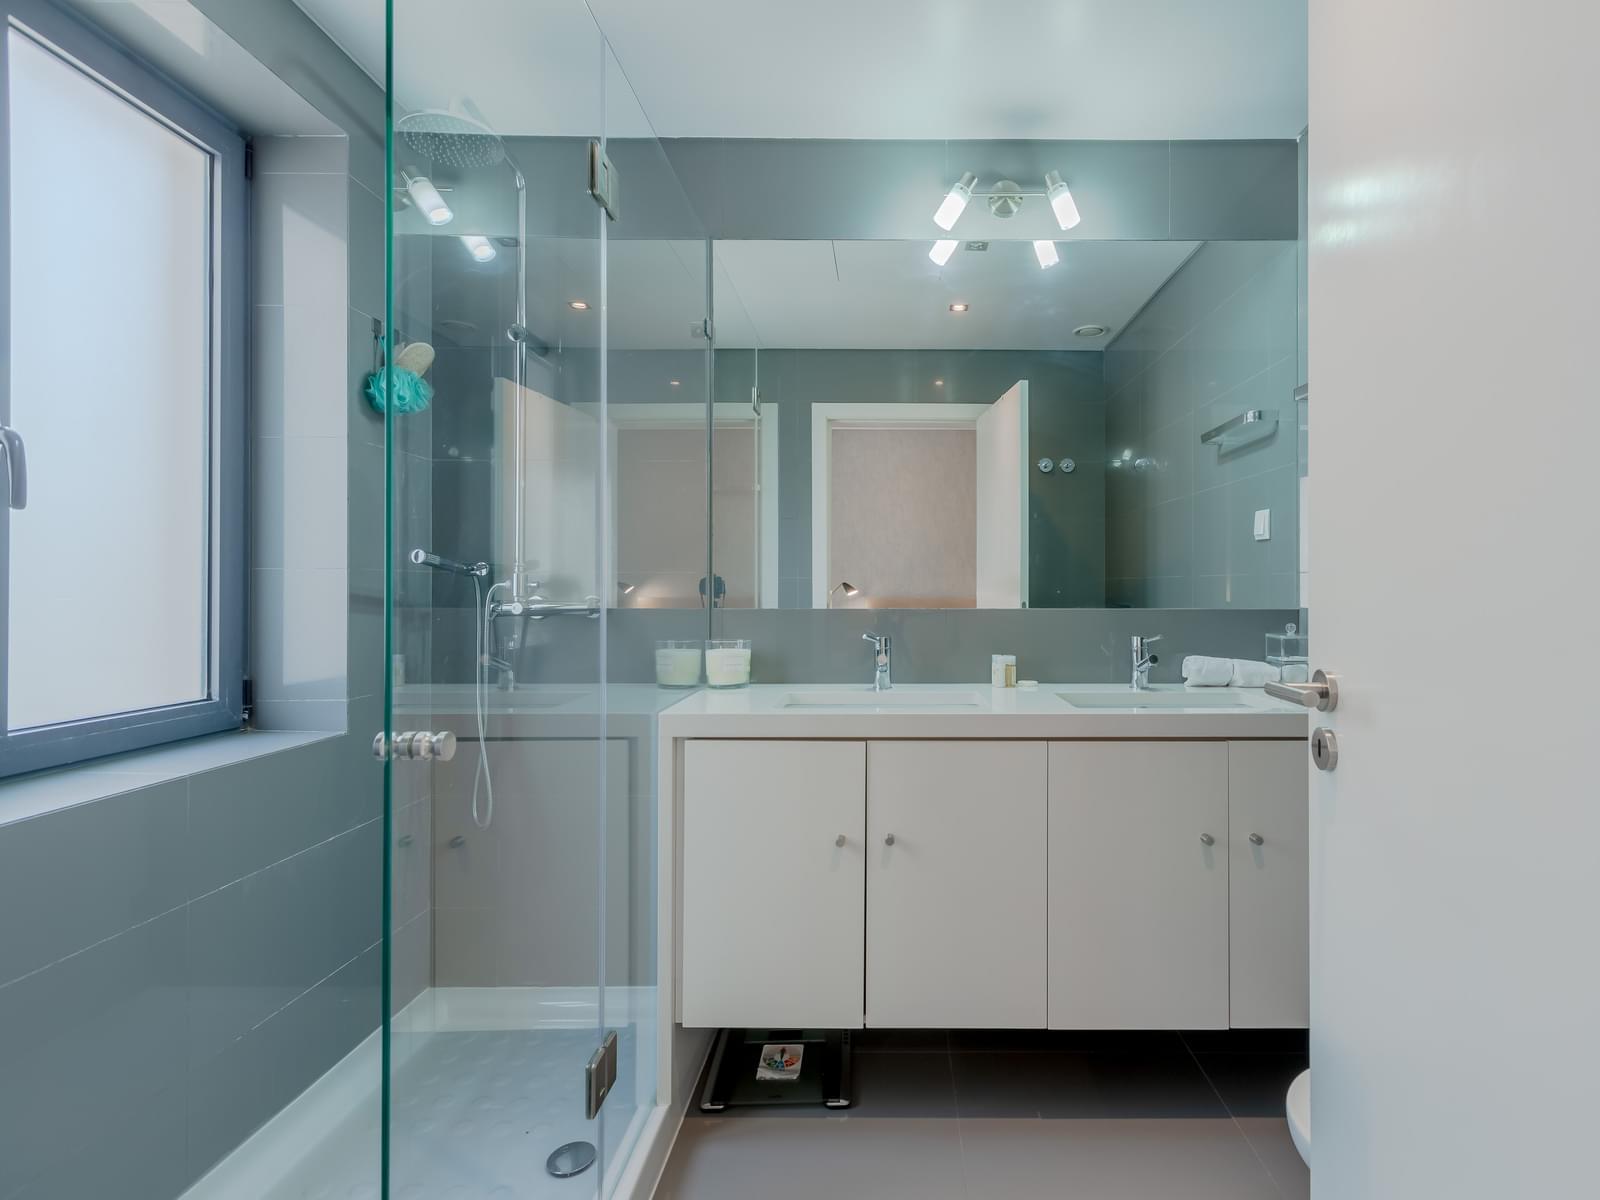 pf18160-apartamento-t2-lisboa-e4cfe915-2771-432d-9177-95919b67ce80